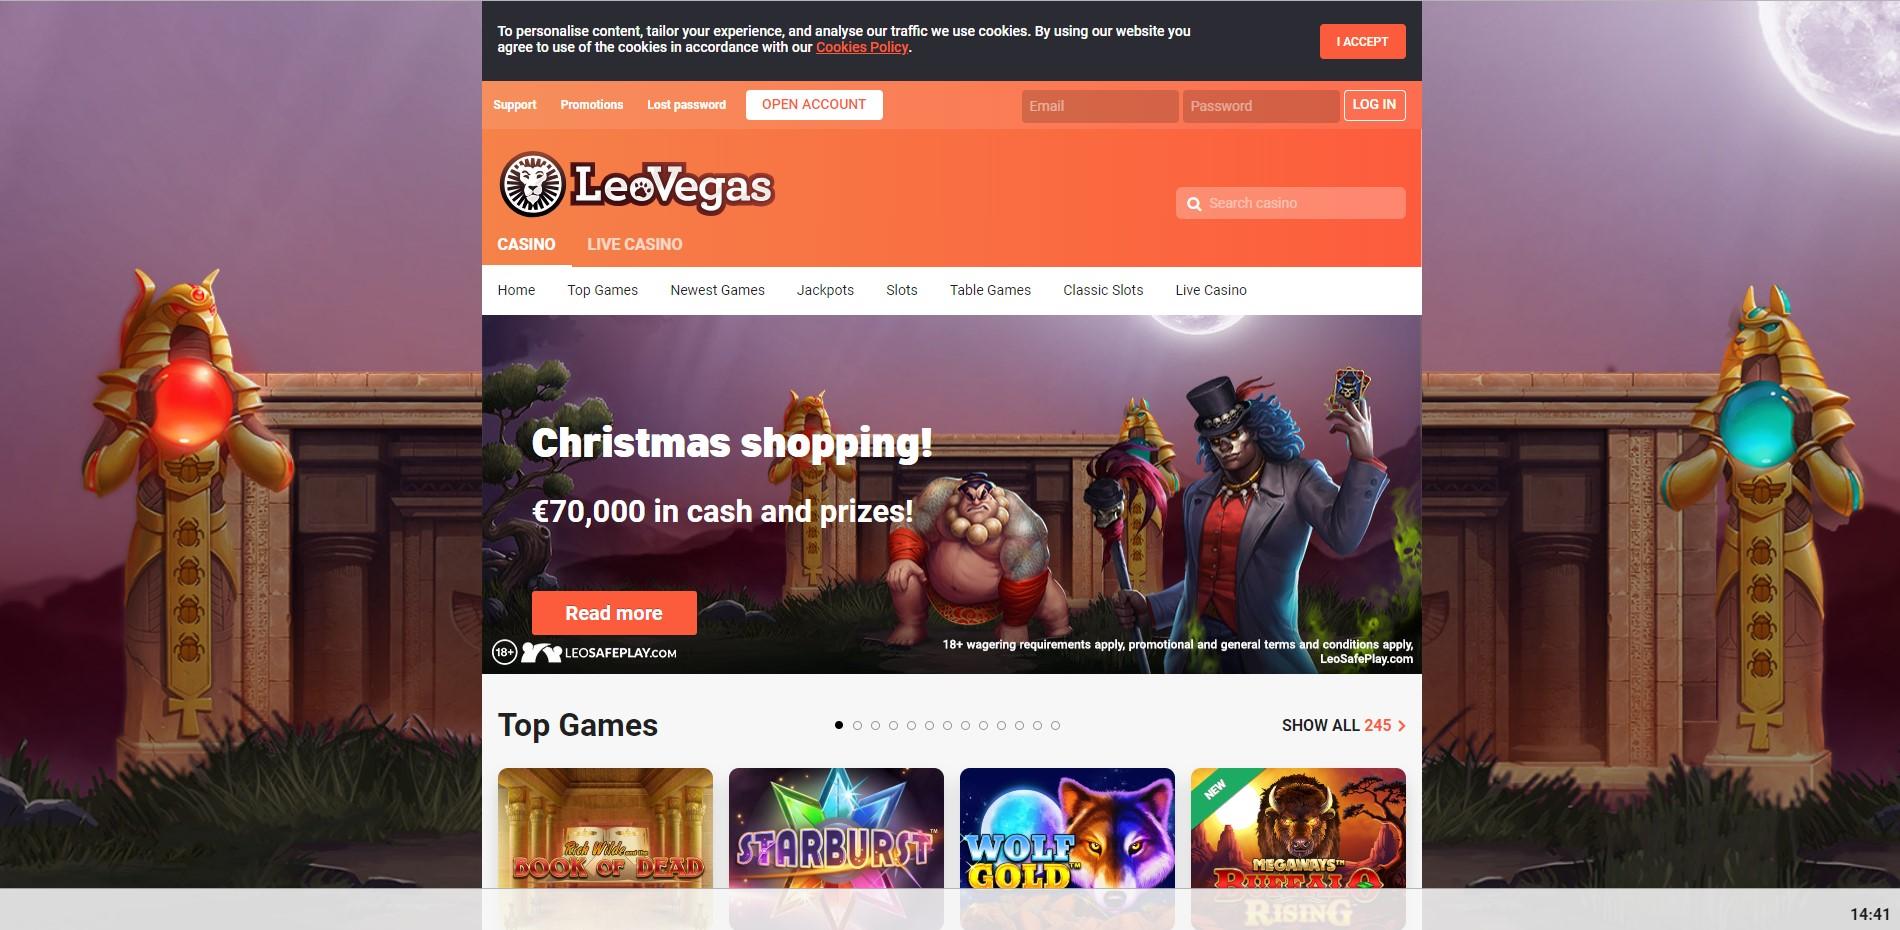 Leovegas Com Reviews